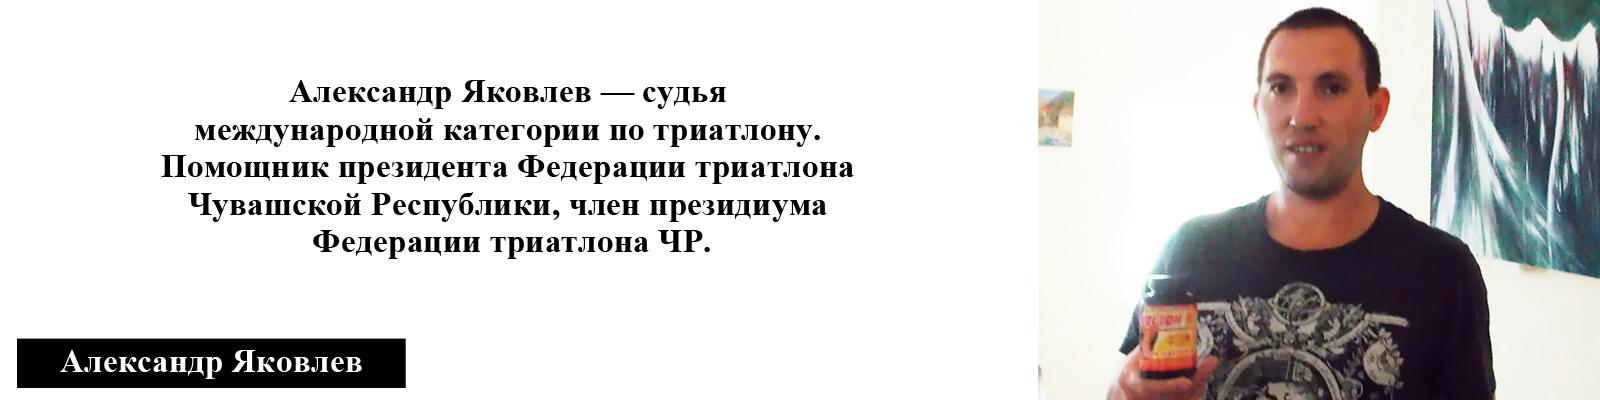 Яковлев триатлон